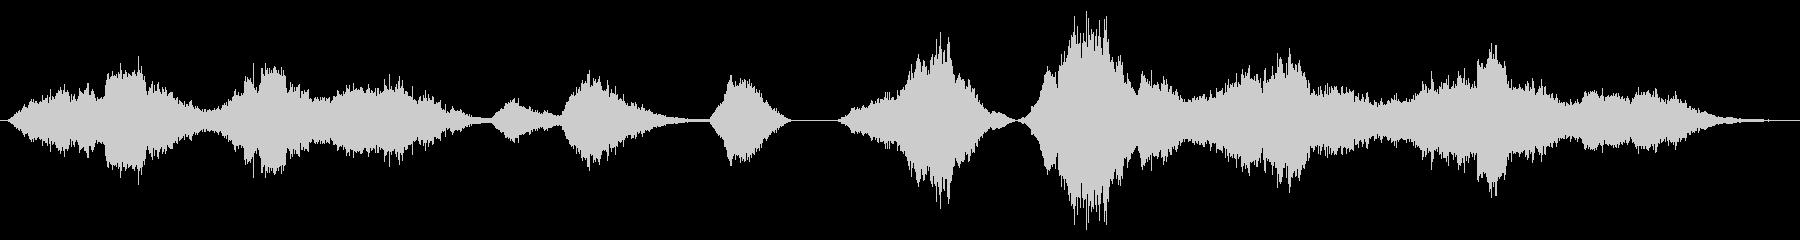 効果音的なホラーアンビエントBGMの未再生の波形